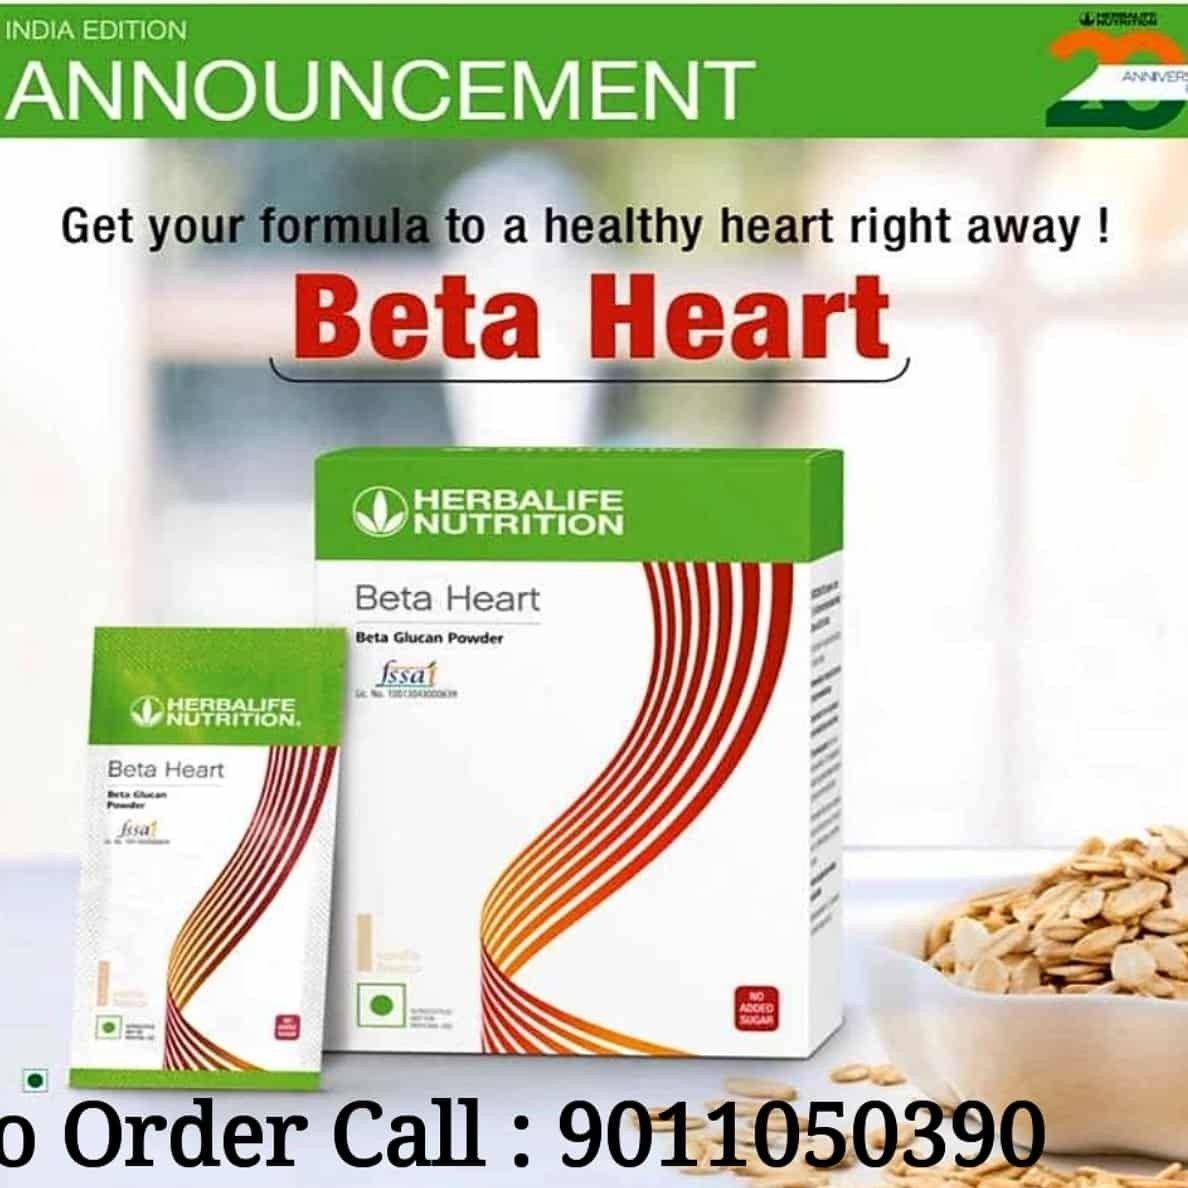 Herbalife beta heart in 2020 herbalife herbalife